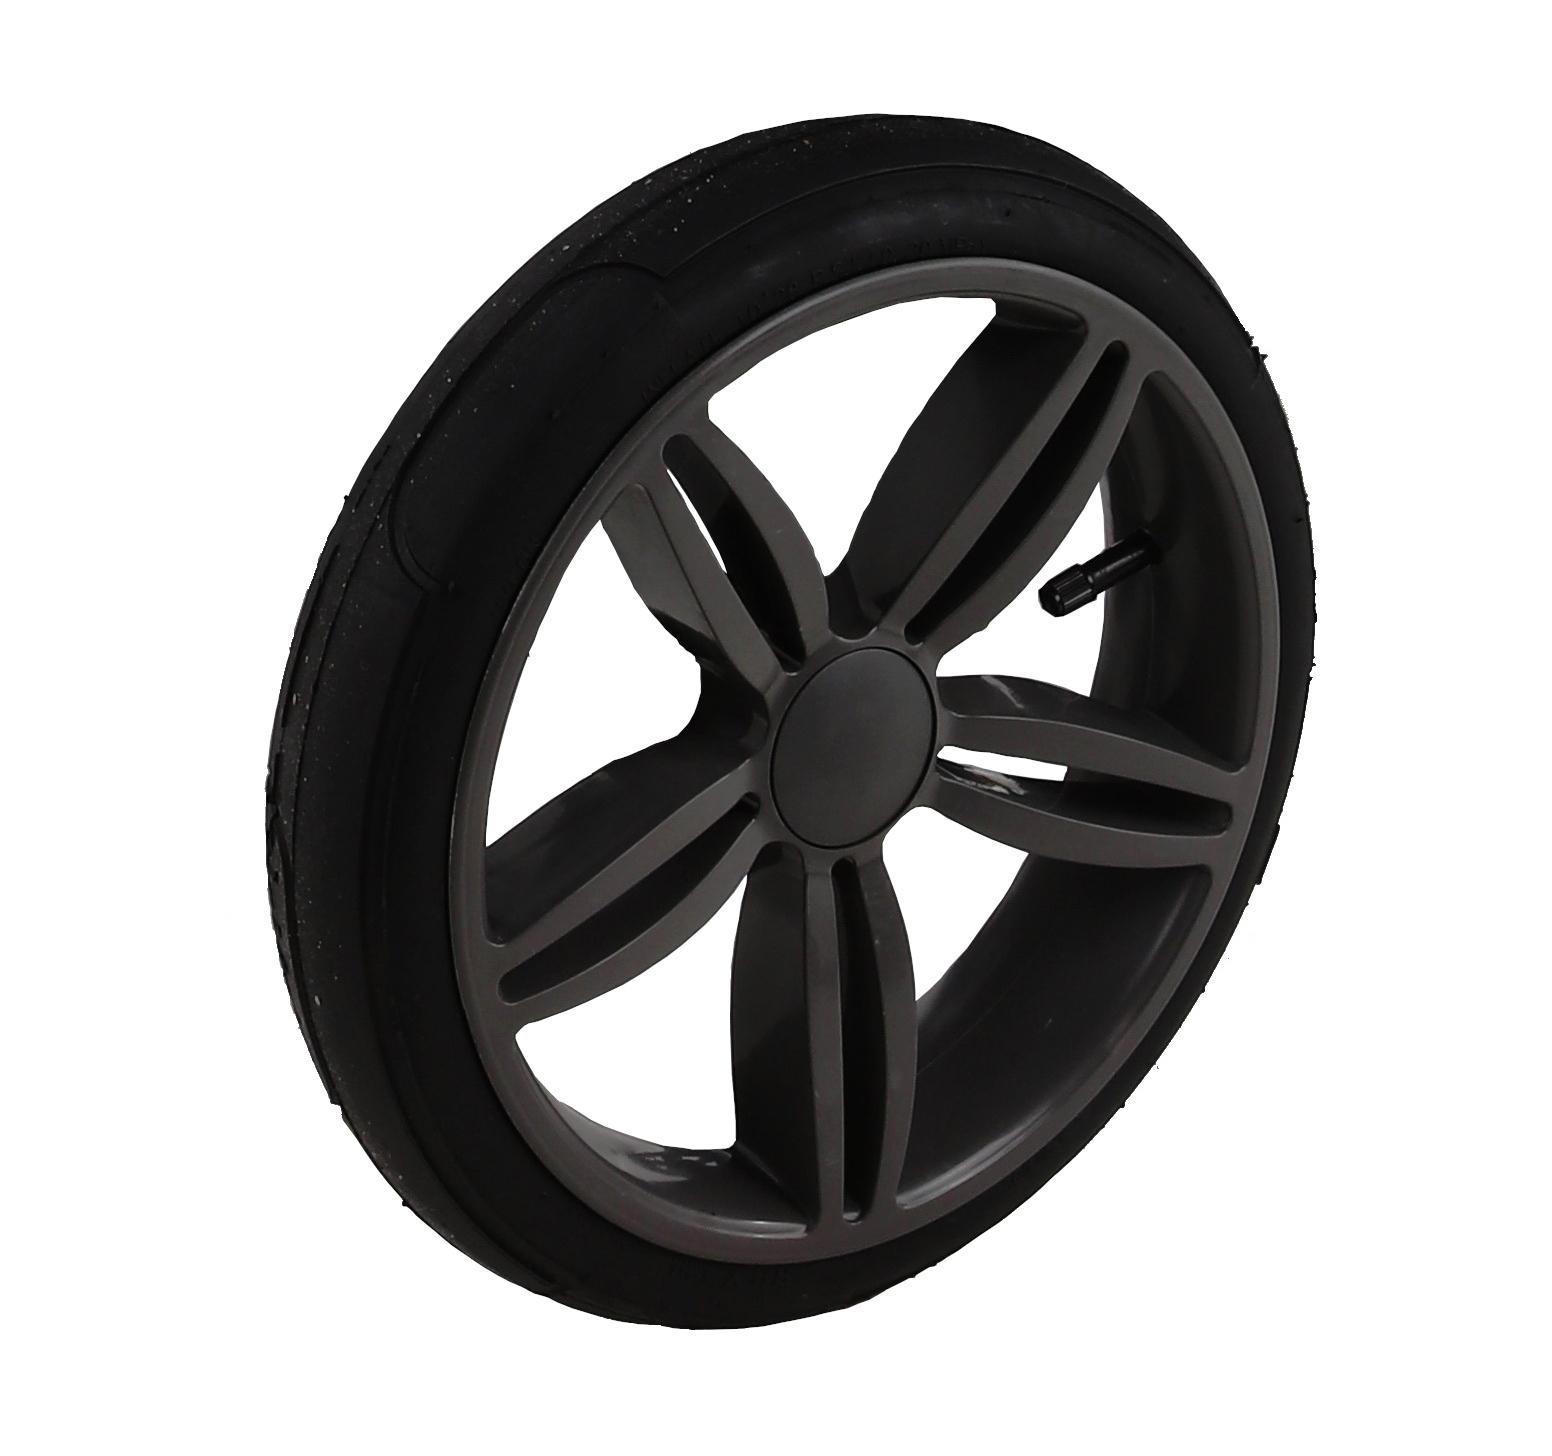 коляски 2 в 1 lonex sanremo 2 в 1 Заднее колесо для коляски Be2Me для классической коляски 2 в 1 Bellagio